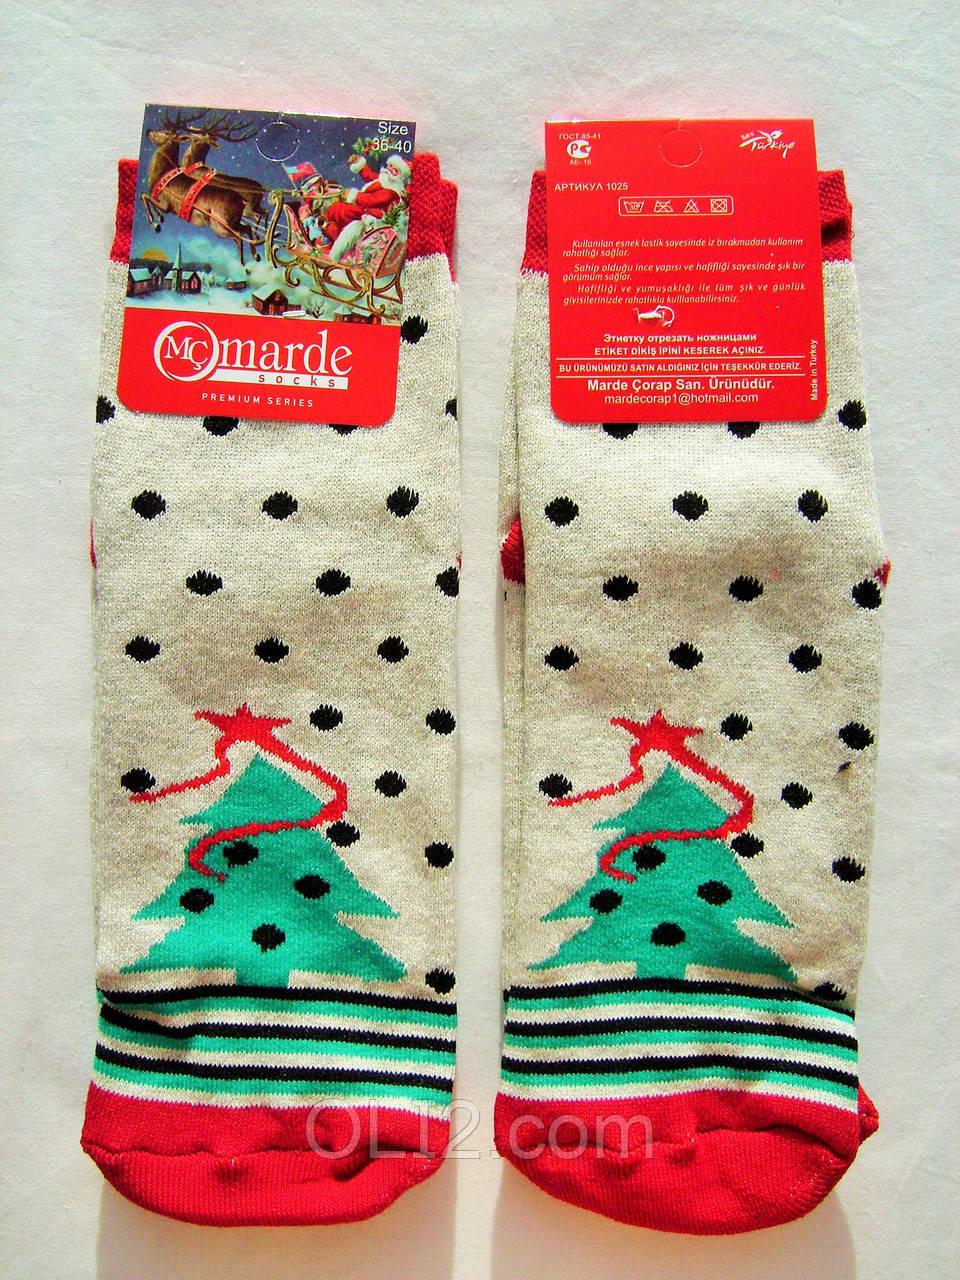 Женски носки новогодние рождественские на подарок махровые под елку